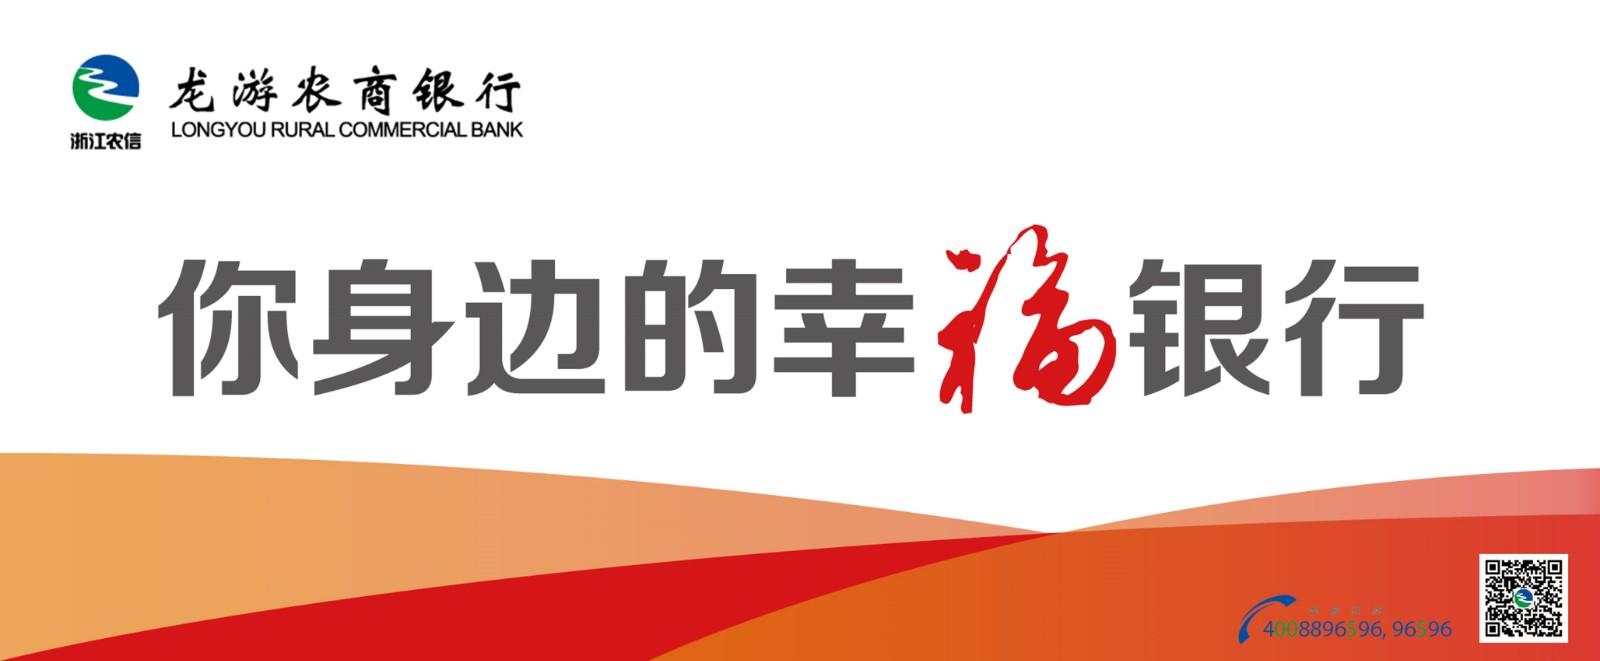 龙游农商银行